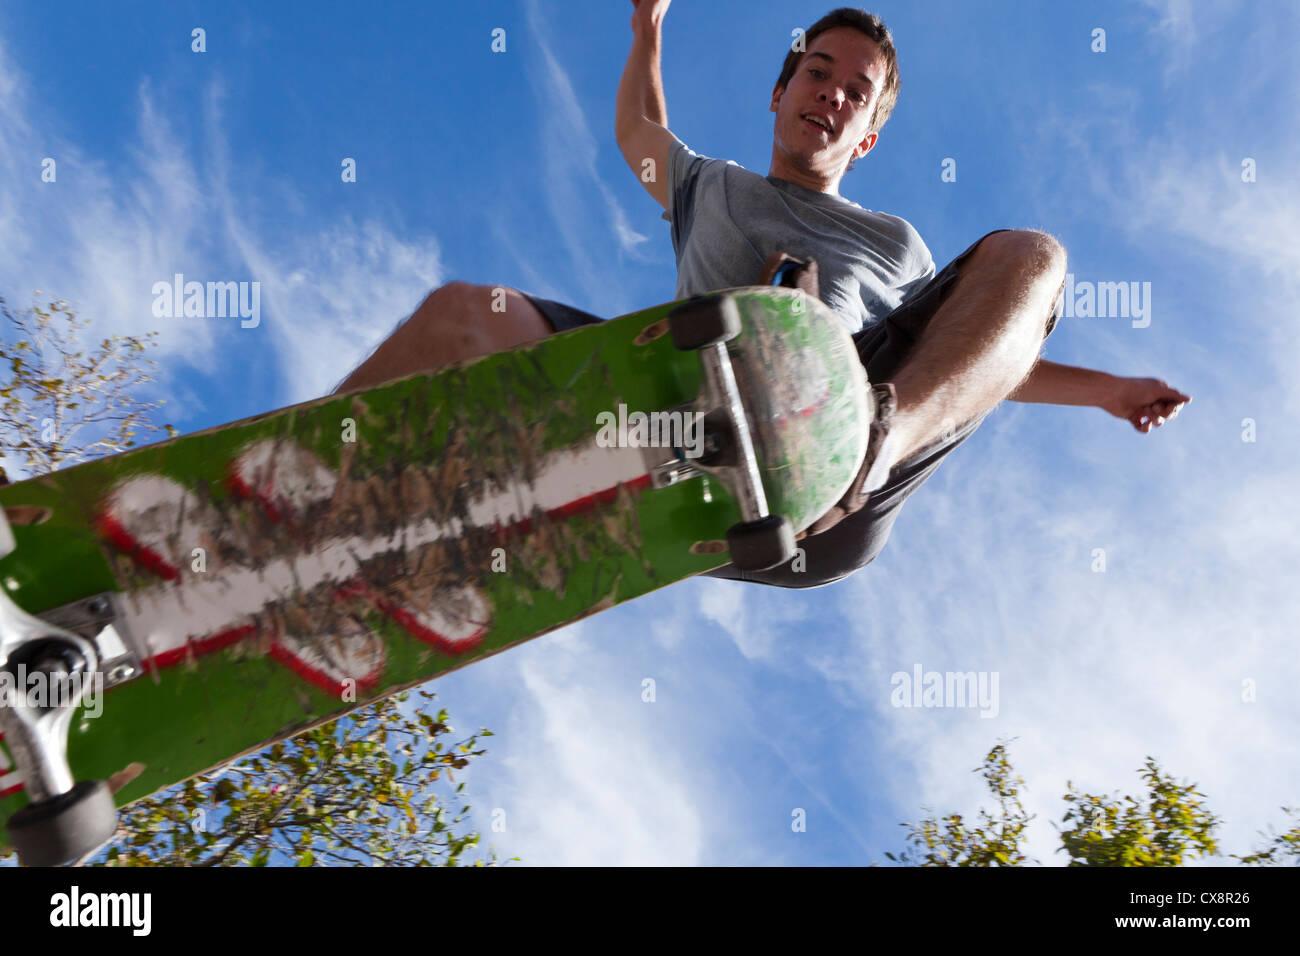 Giovane uomo saltando su uno skateboard - USA Immagini Stock